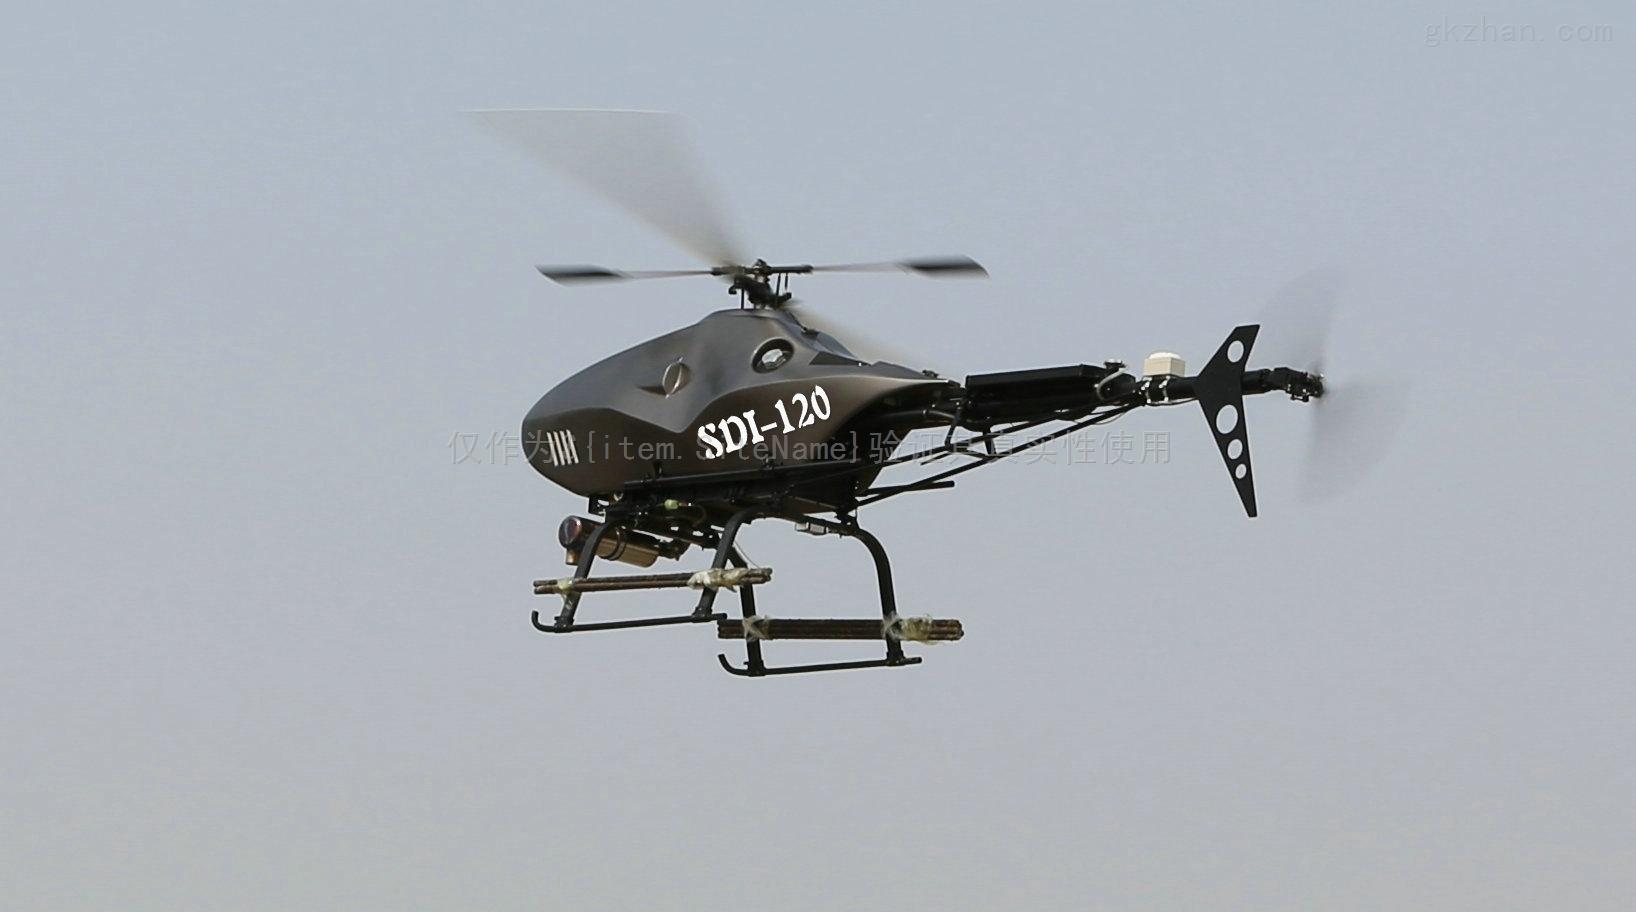 廖小罕:无人机低空公共航路是发展的必然趋势